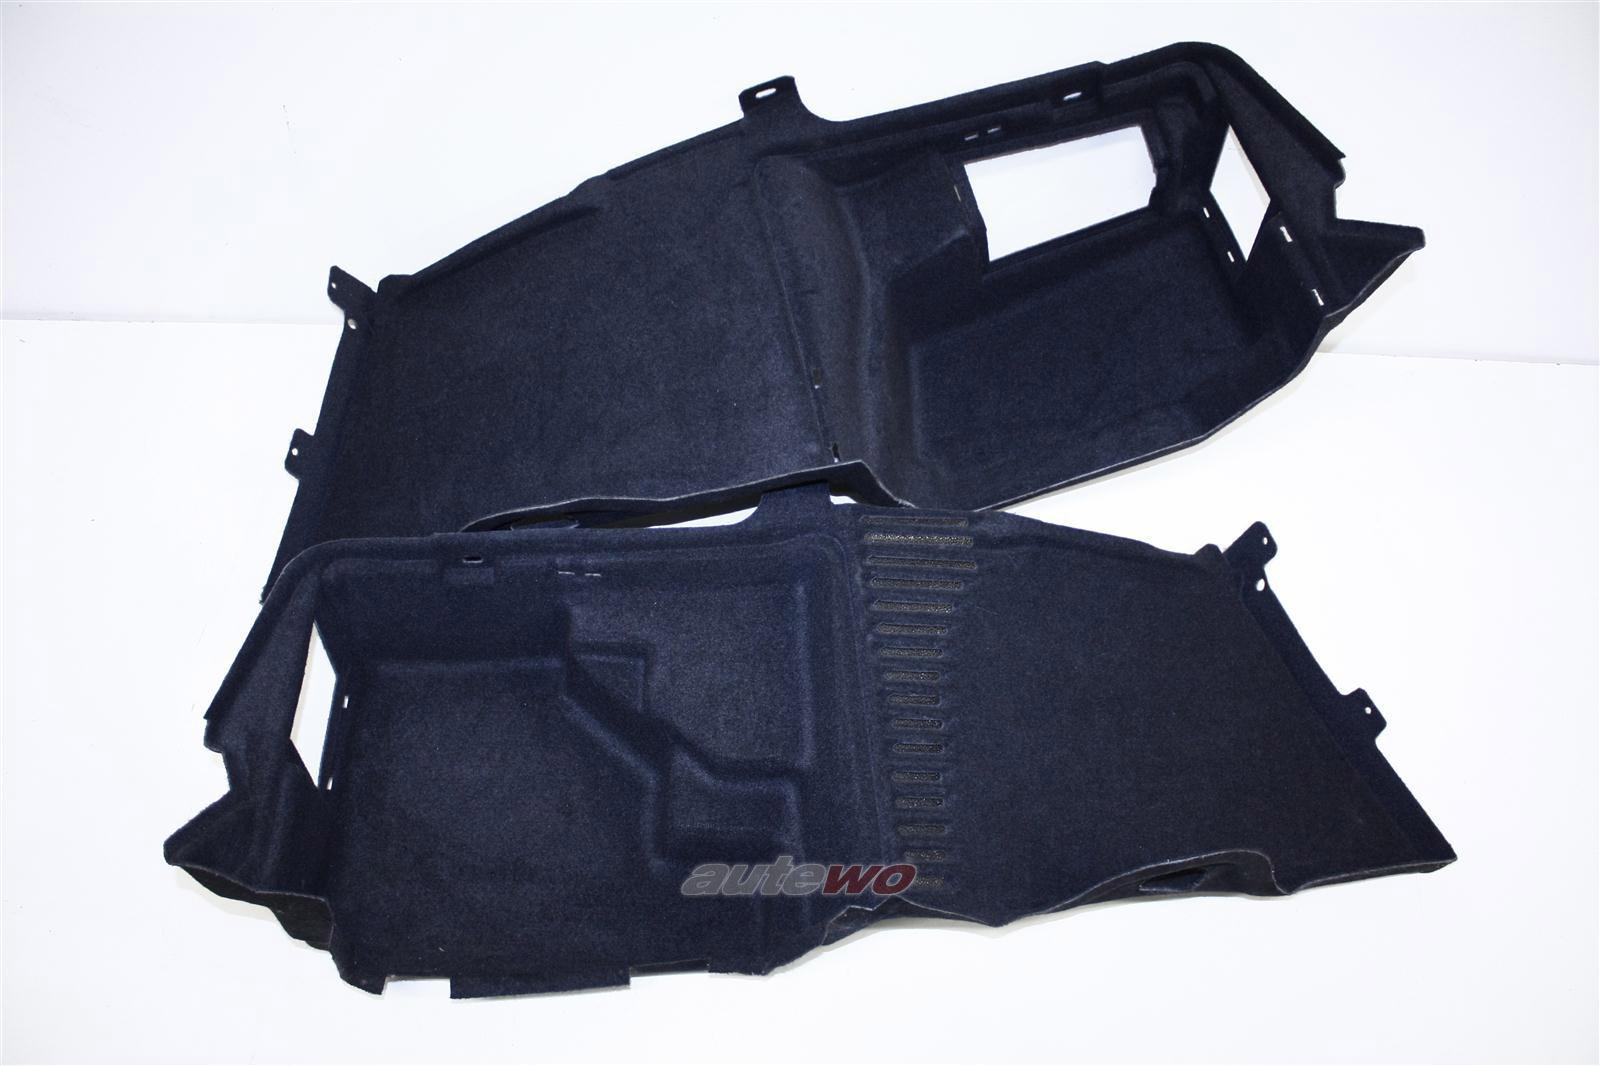 Audi A8/S8 D2 Verkleidung Kofferraum grau 4D0863879A & 4D0863880B